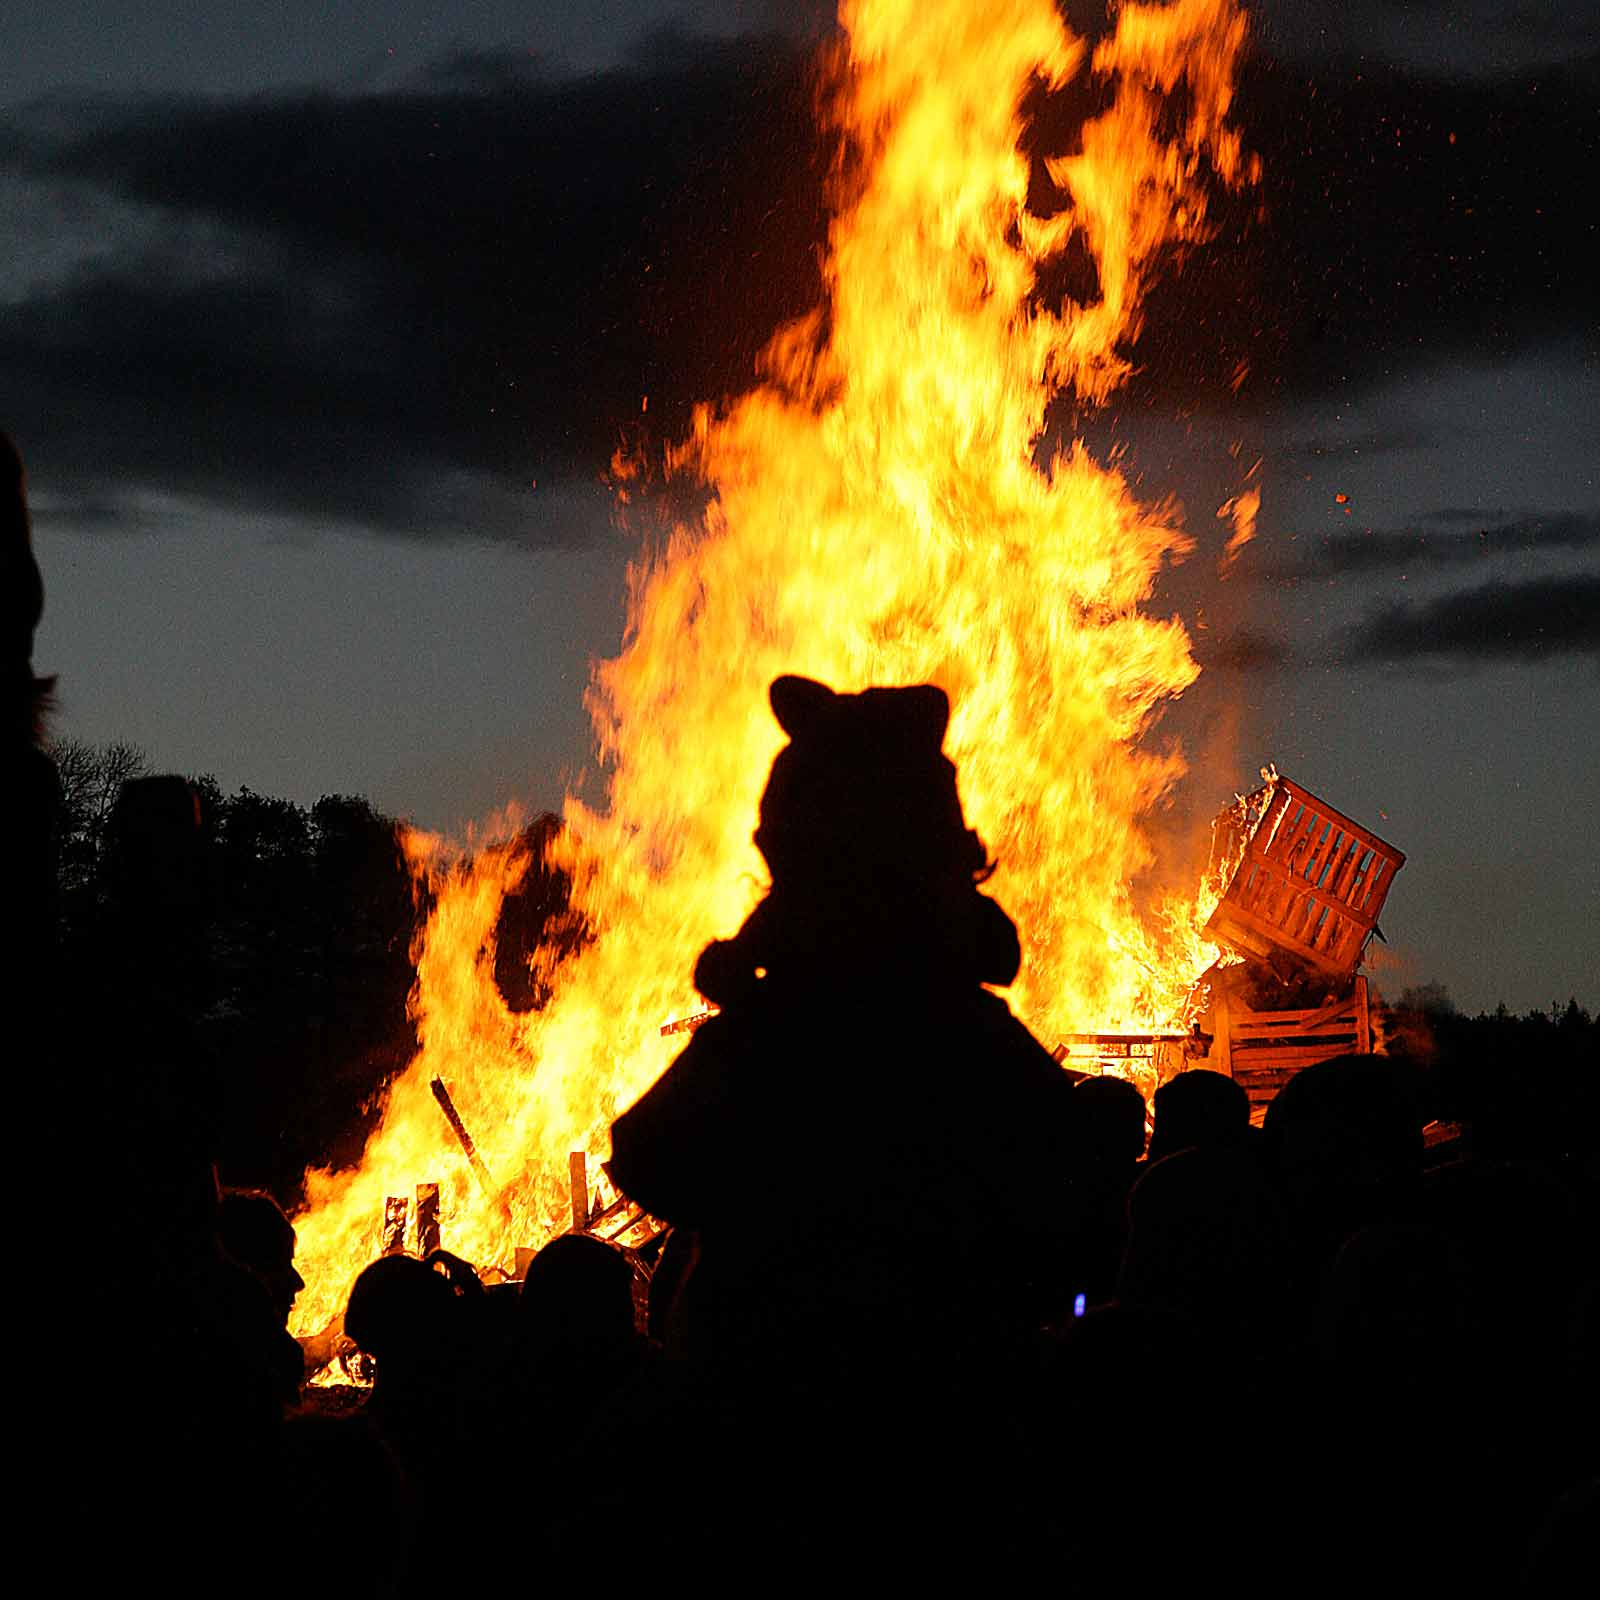 Bonfire-2014